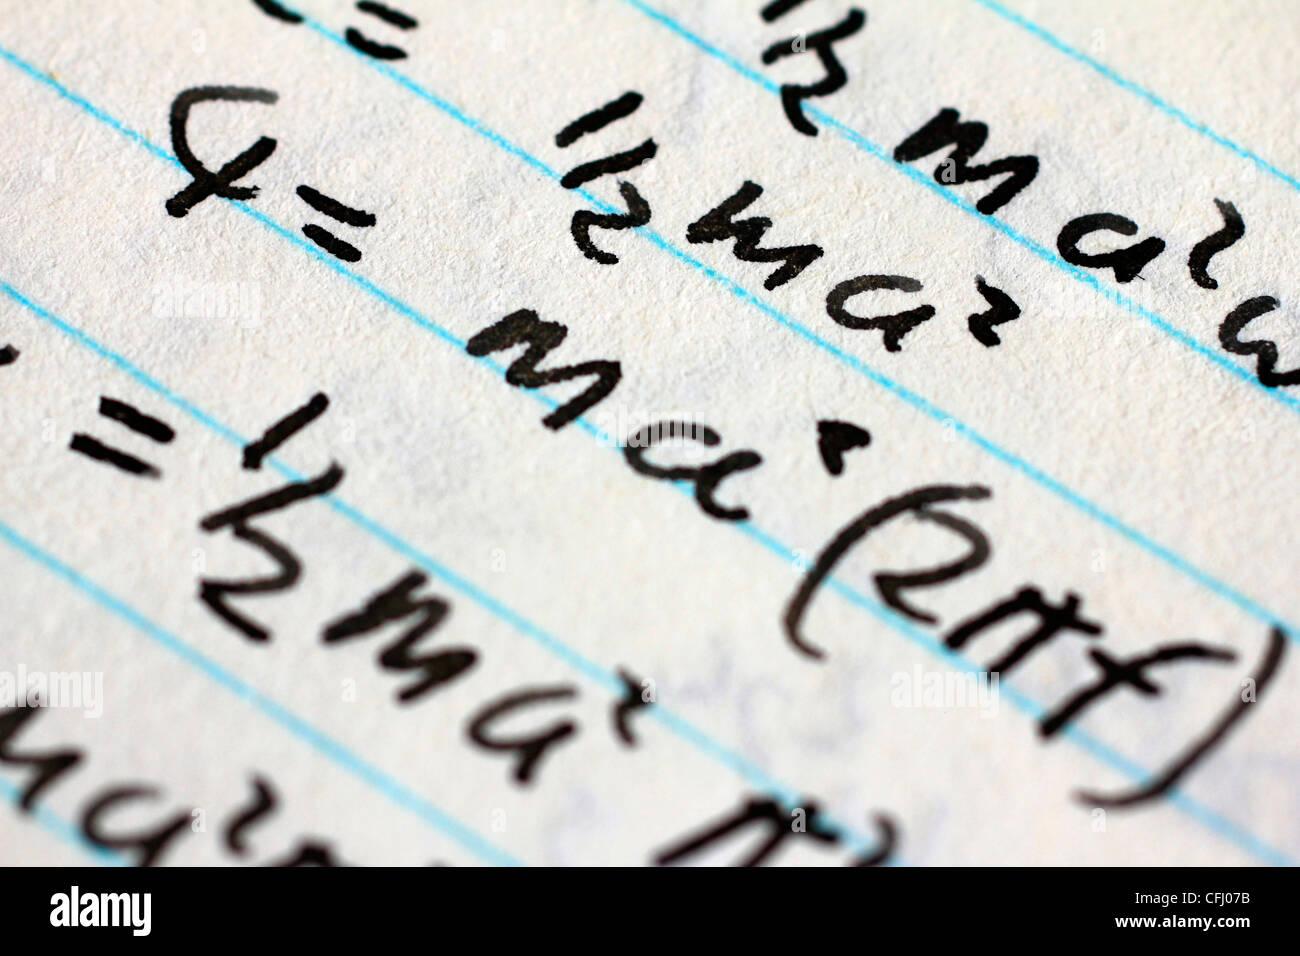 Les équations mathématiques sur un morceau de papier blanc Banque D'Images